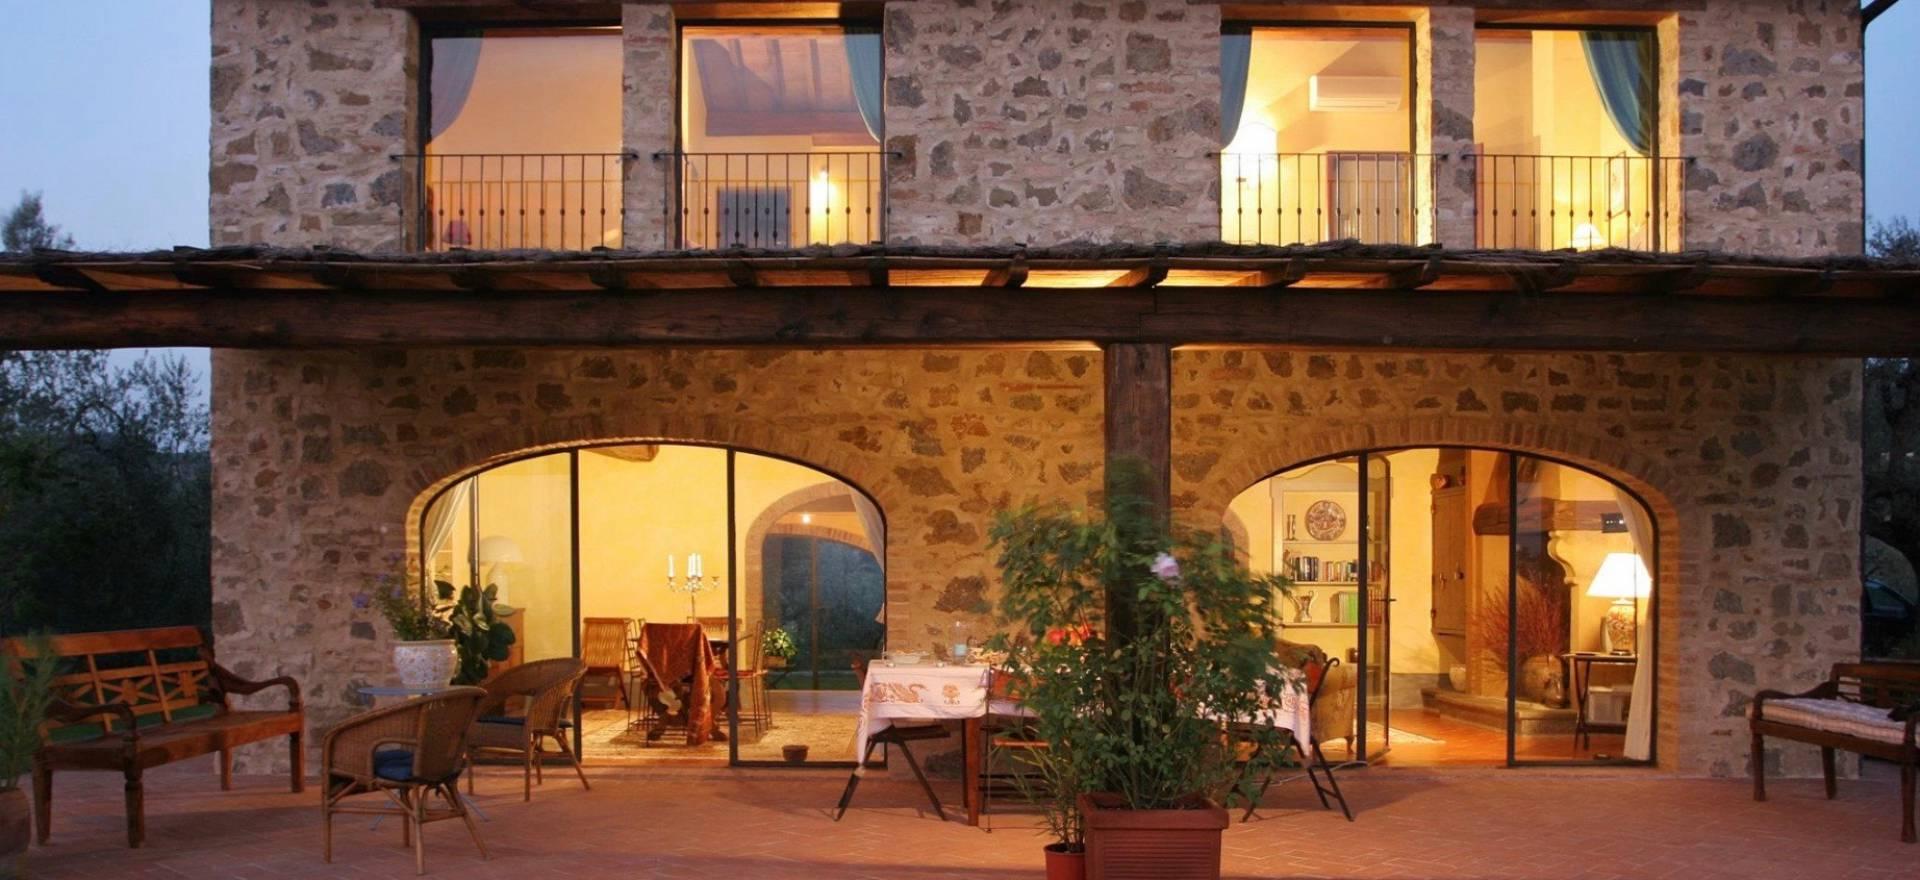 Agriturismo Tuscany Agriturismo Tuscany in olivegrove with amazing views